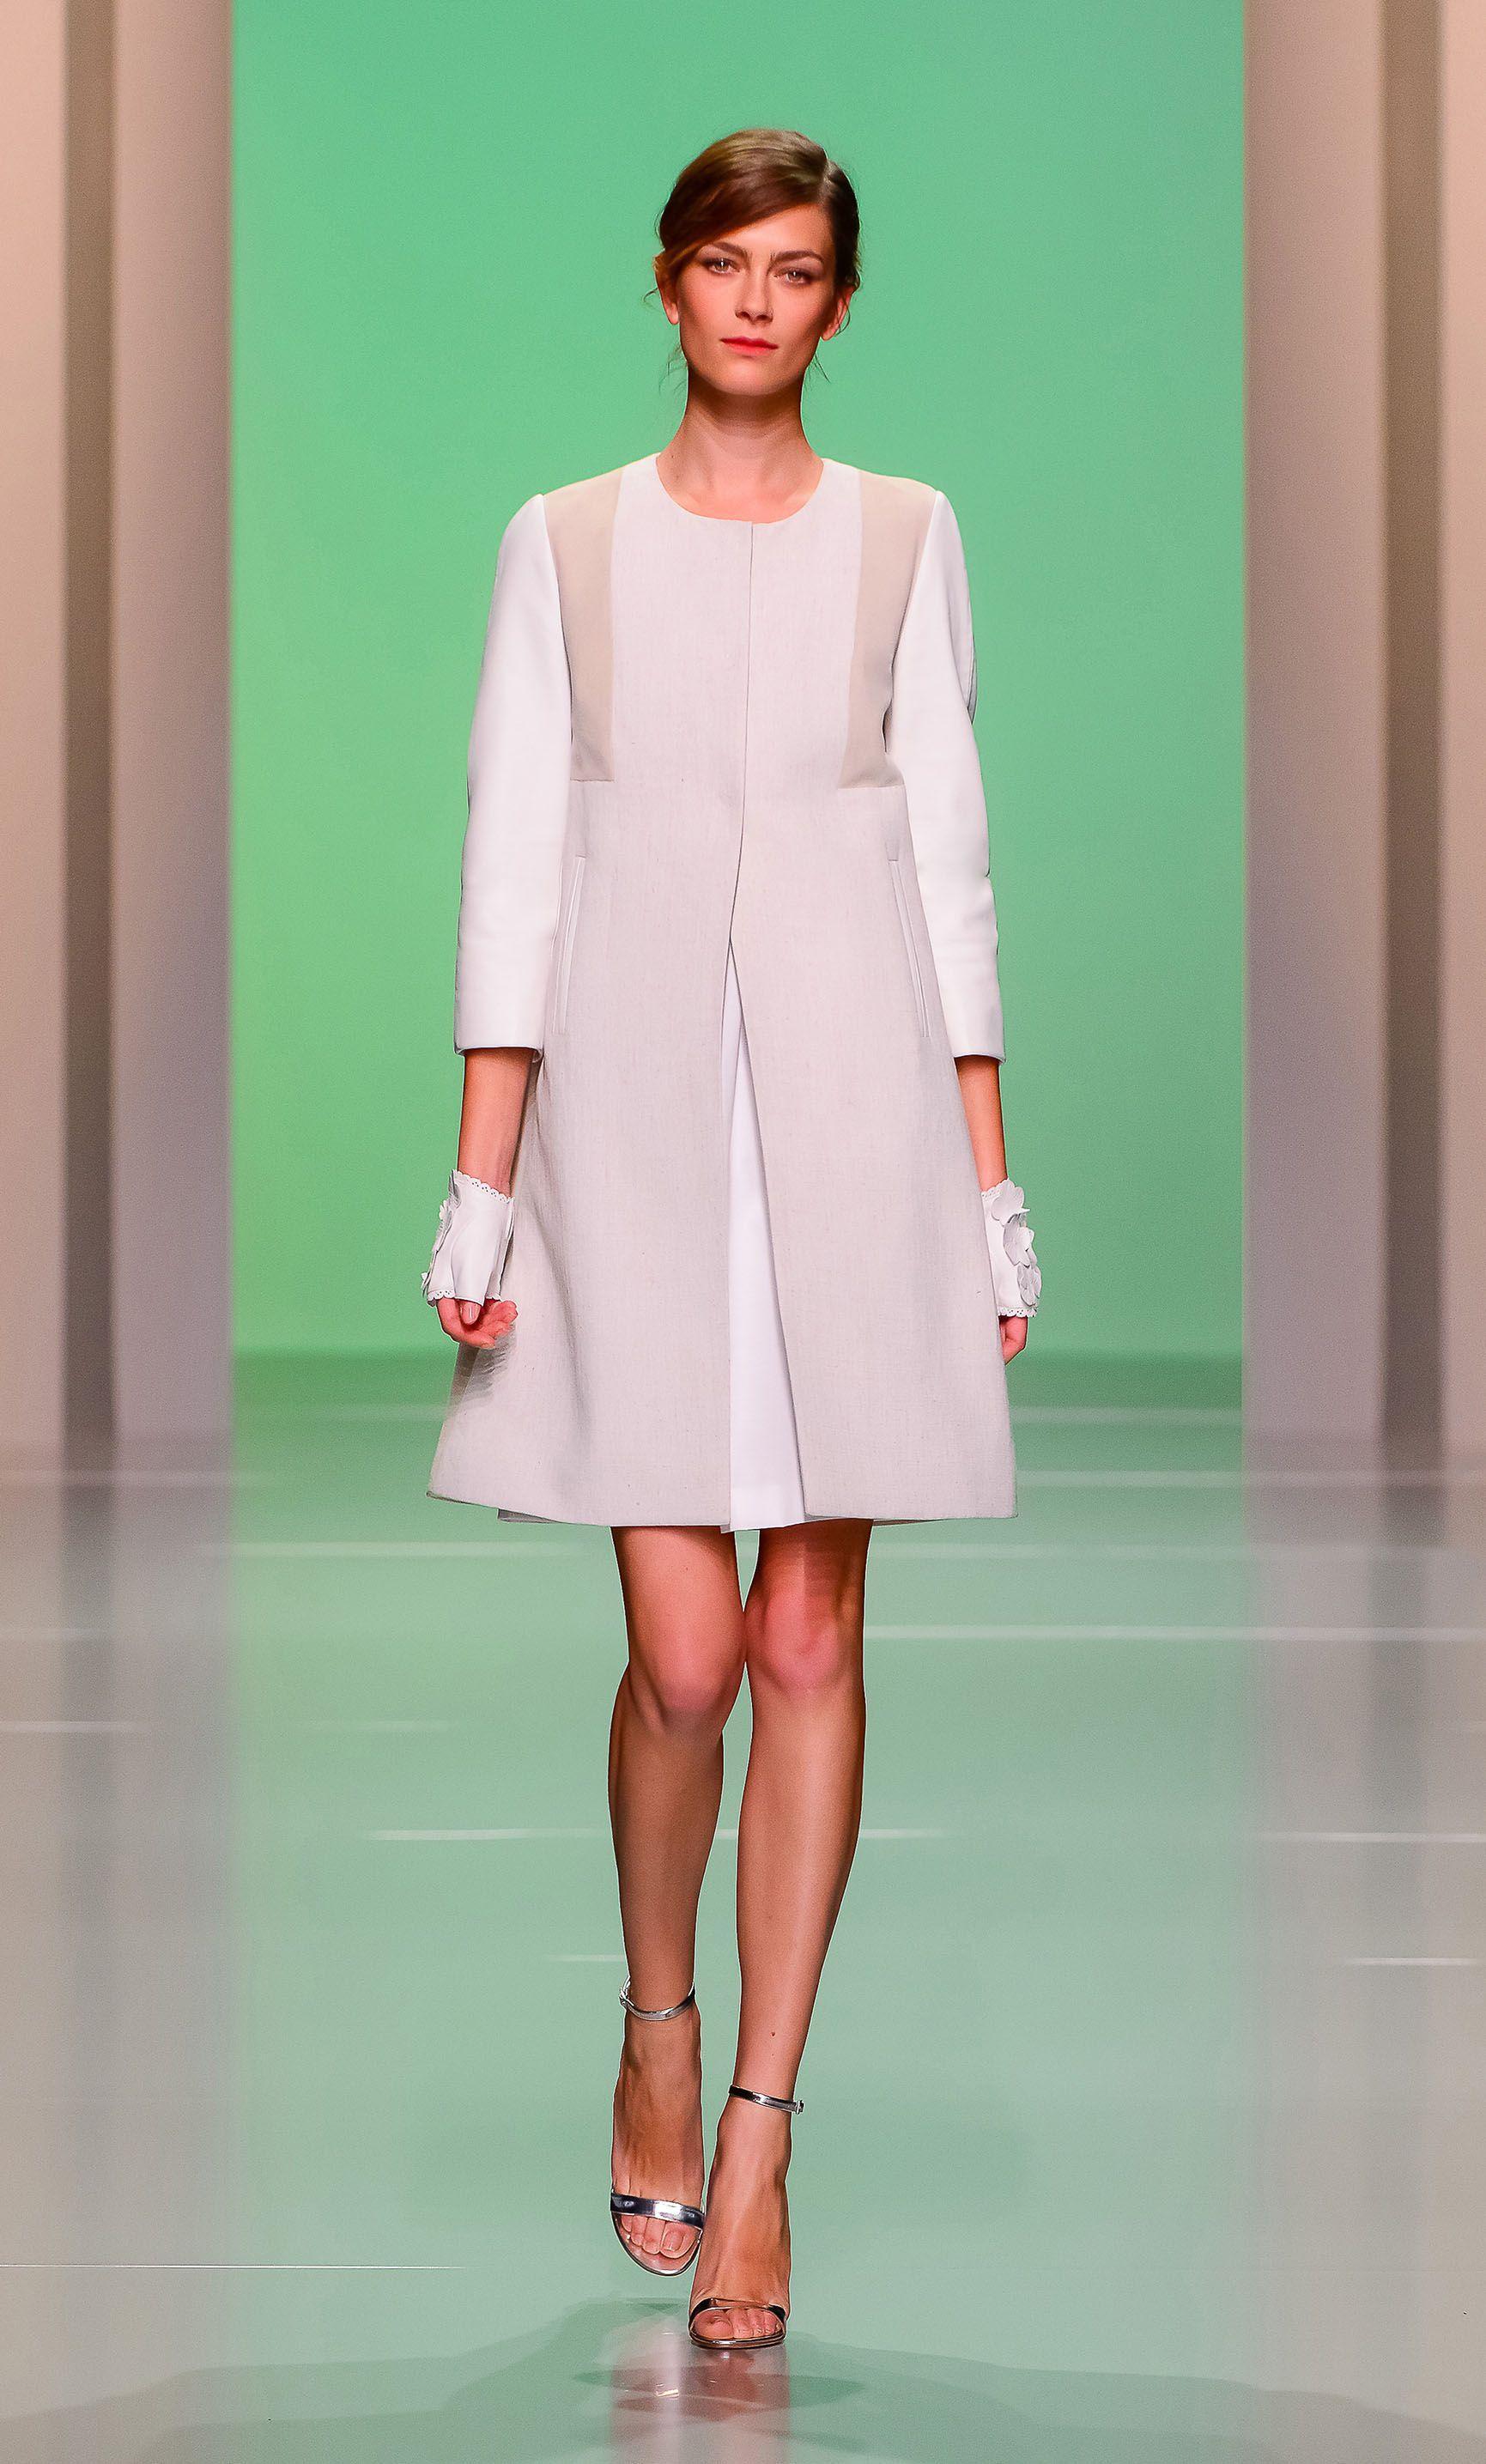 b0d2c37cdb1f6 Tara Jarmon Tara Jarmon, Robe Blanche, Manteau, Idee Look, Mode Féminine,